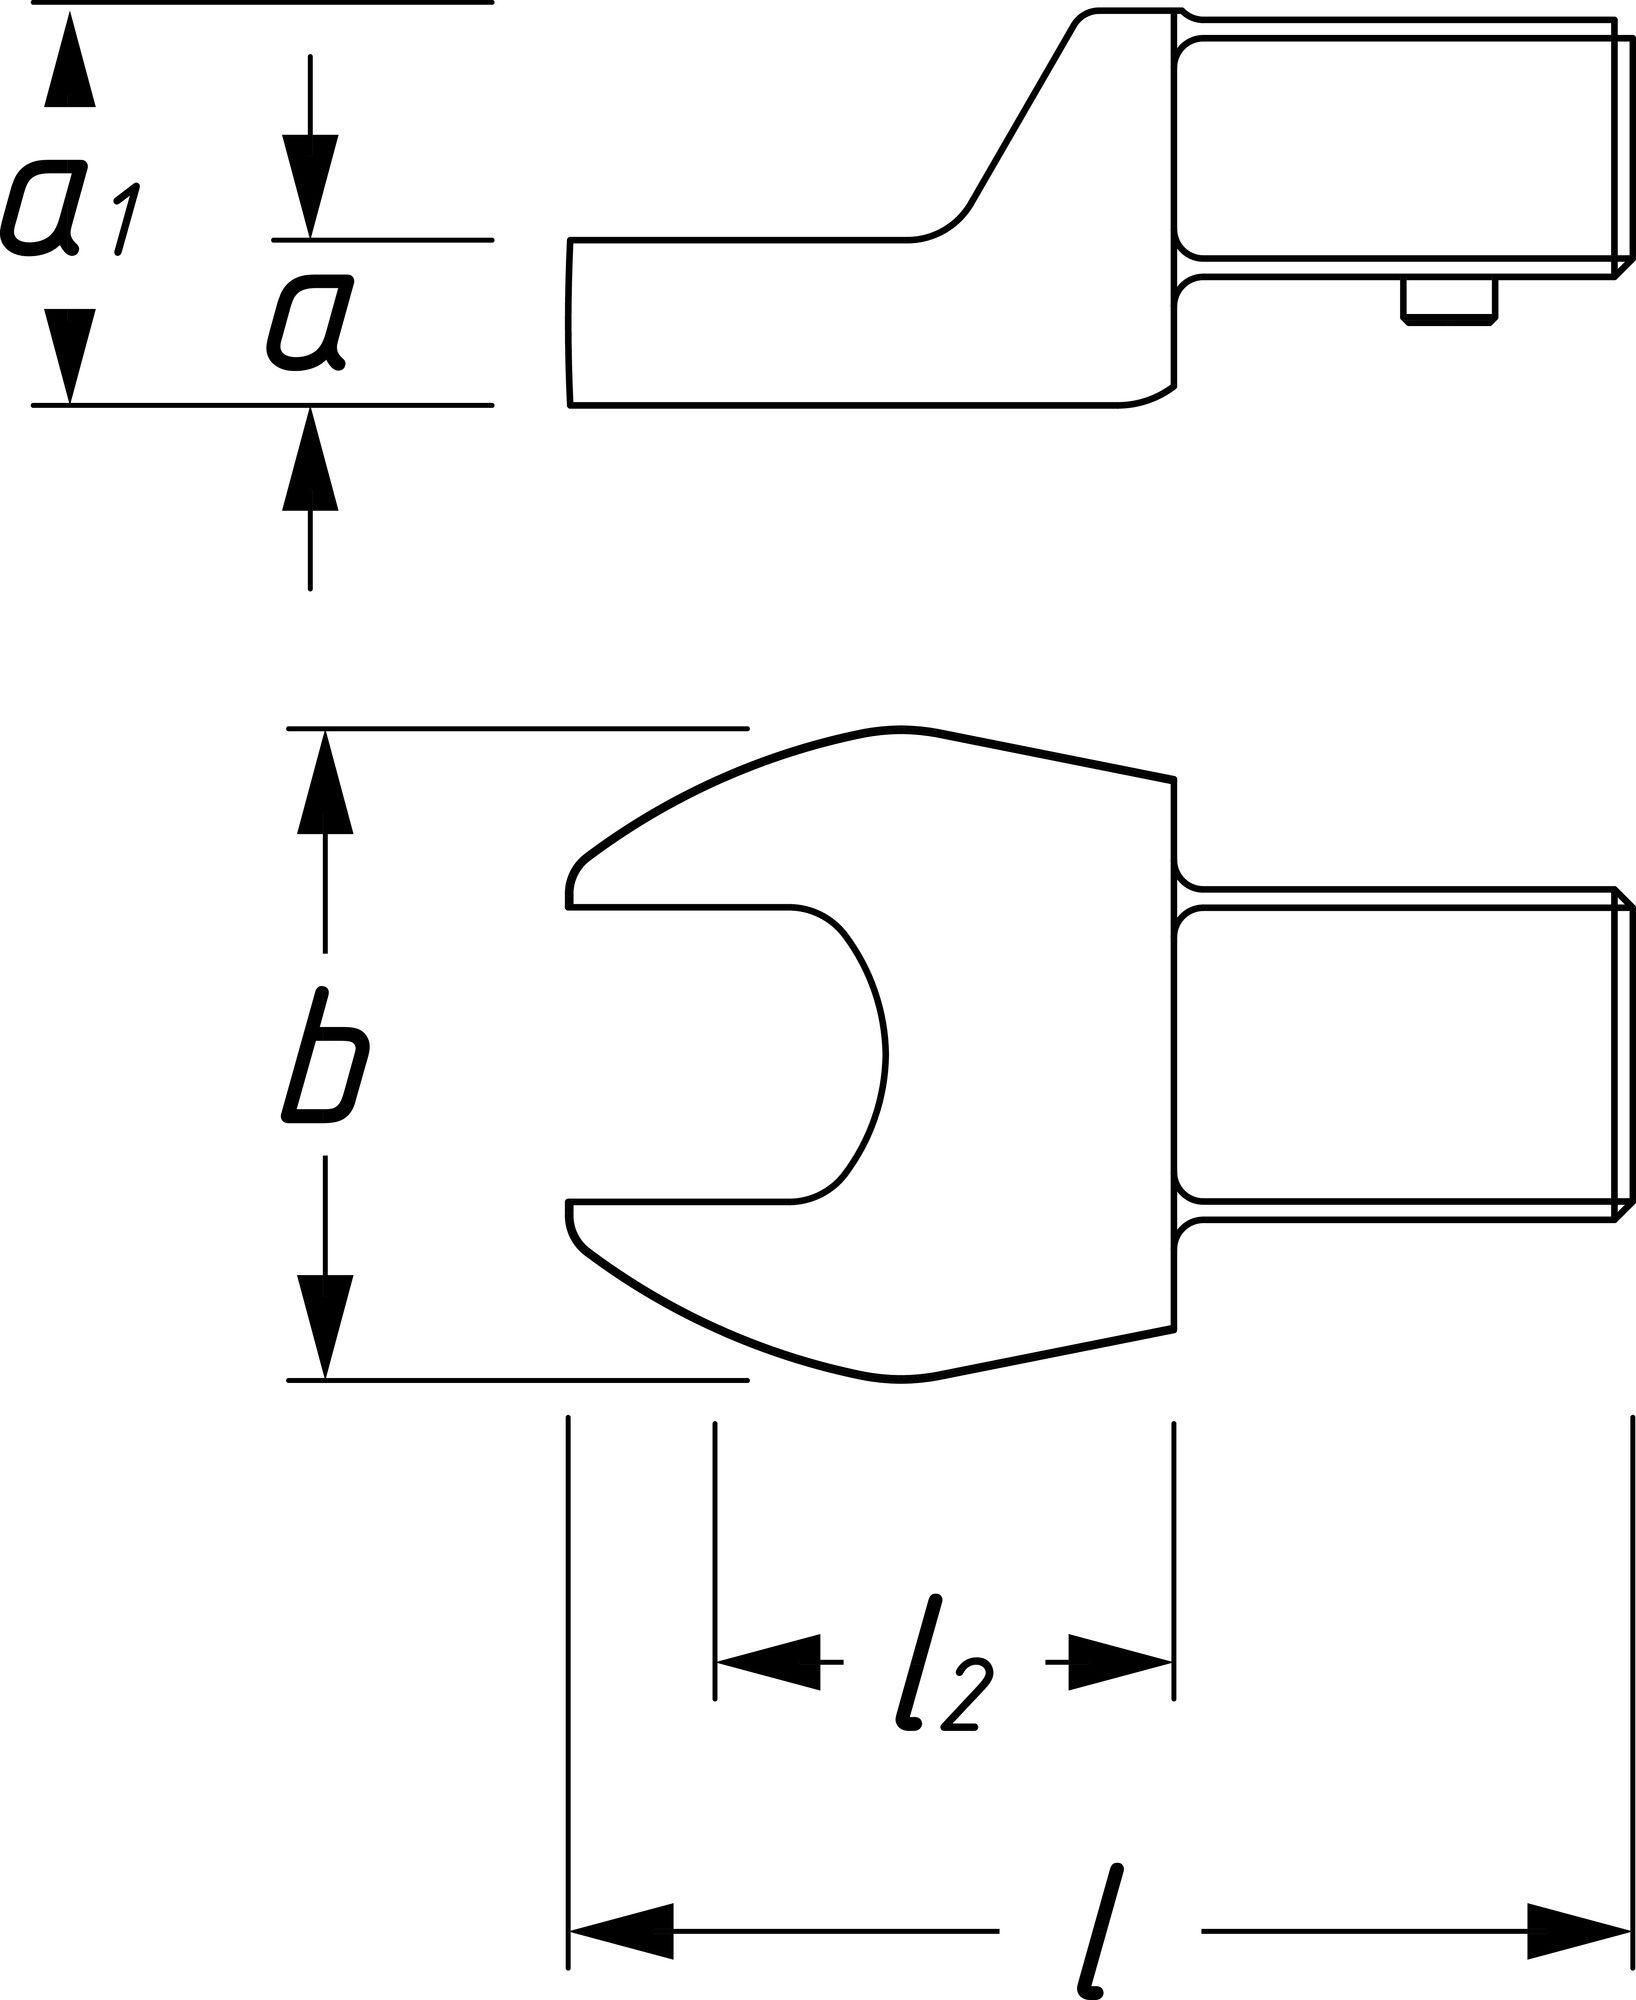 HAZET Einsteck-Maulschlüssel 6450C-15 ∙ Einsteck-Vierkant 9 x 12 mm ∙ Außen-Sechskant Profil ∙ 15 mm